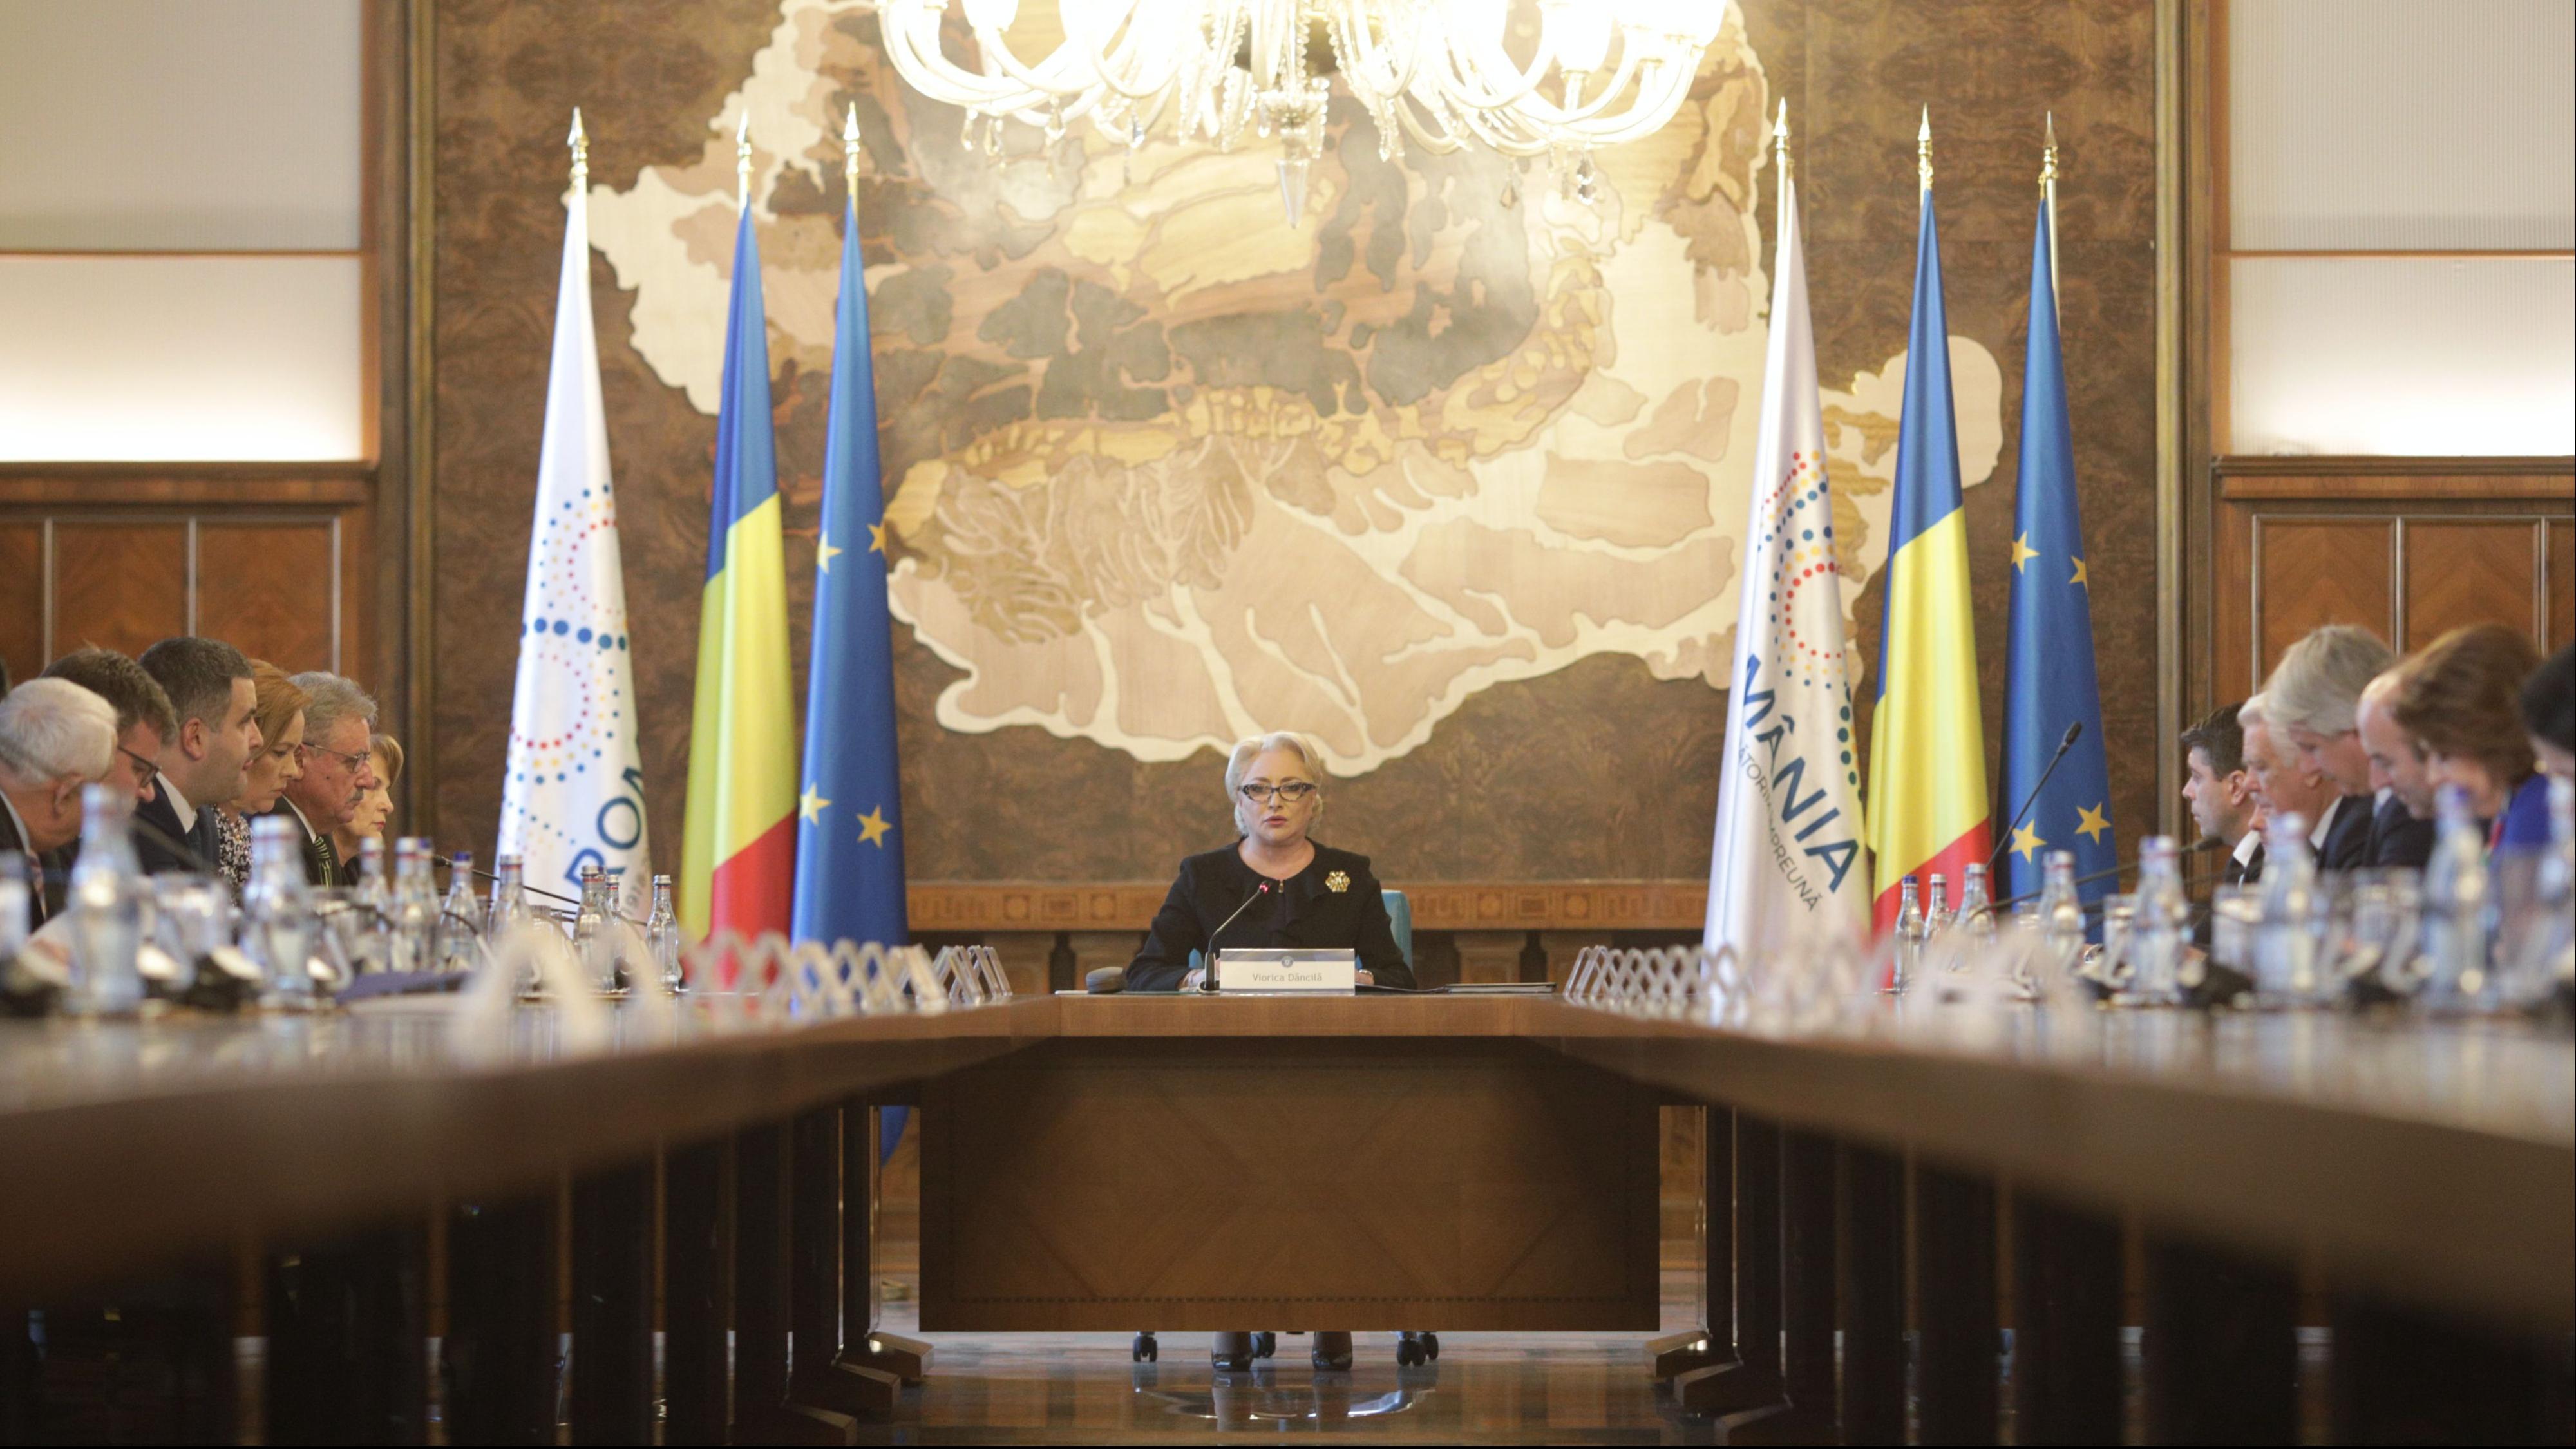 Viorica Dăncilă intervine în scandalul corvetelor: Nu ne vindem, nu negociem!